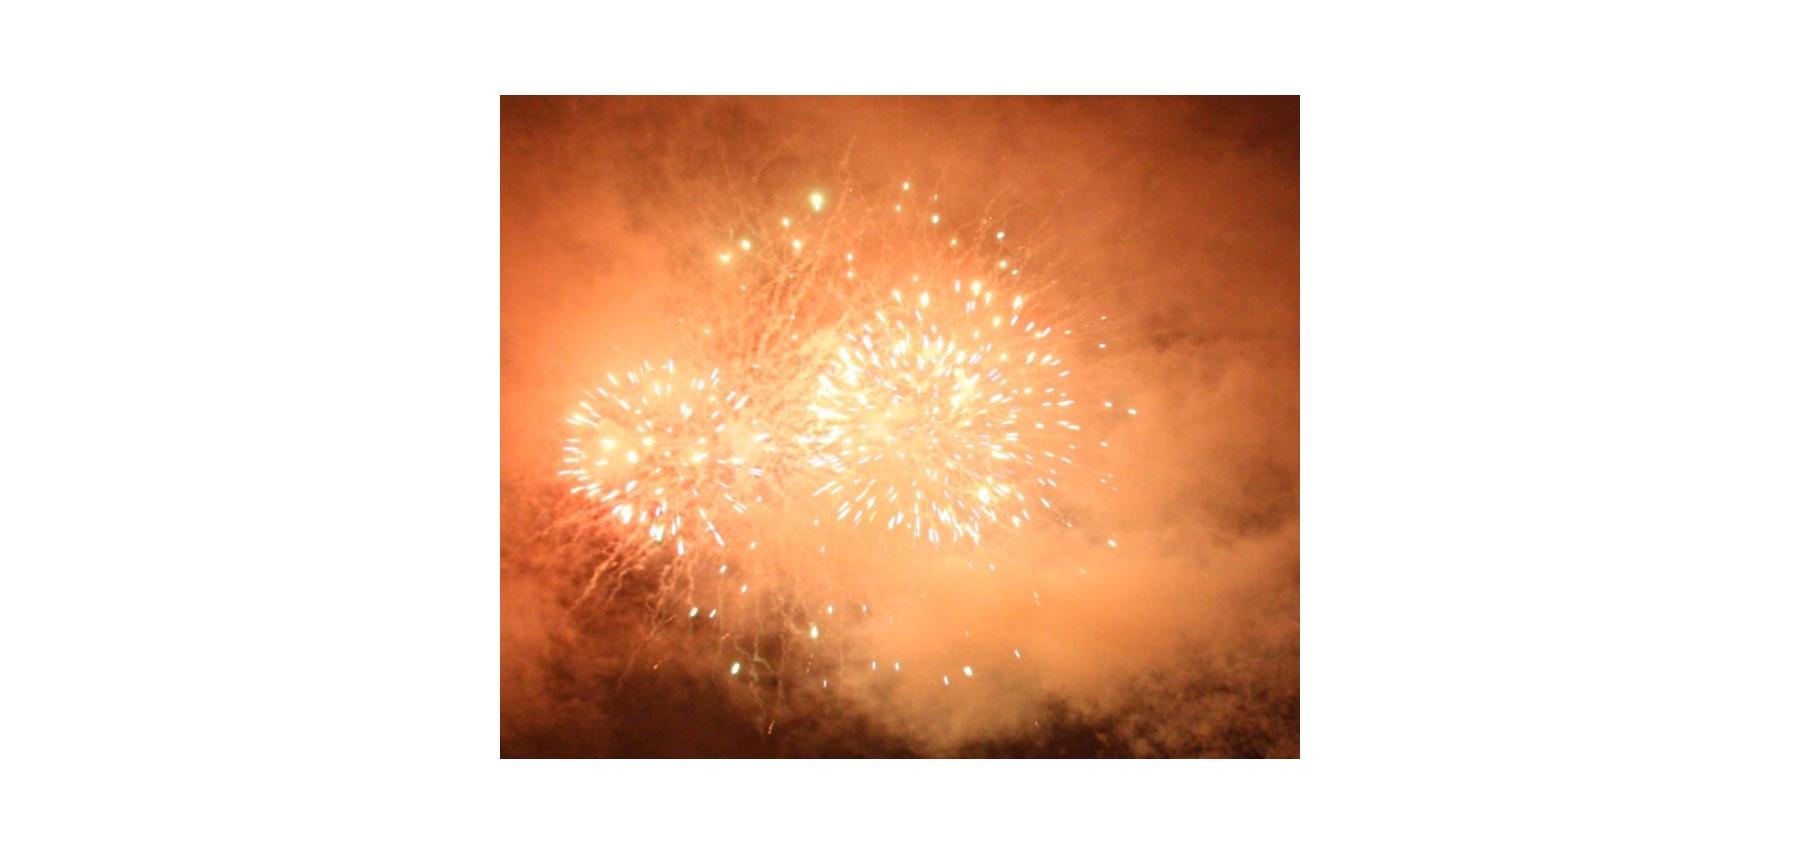 New Year's Eve - CGH Résidences